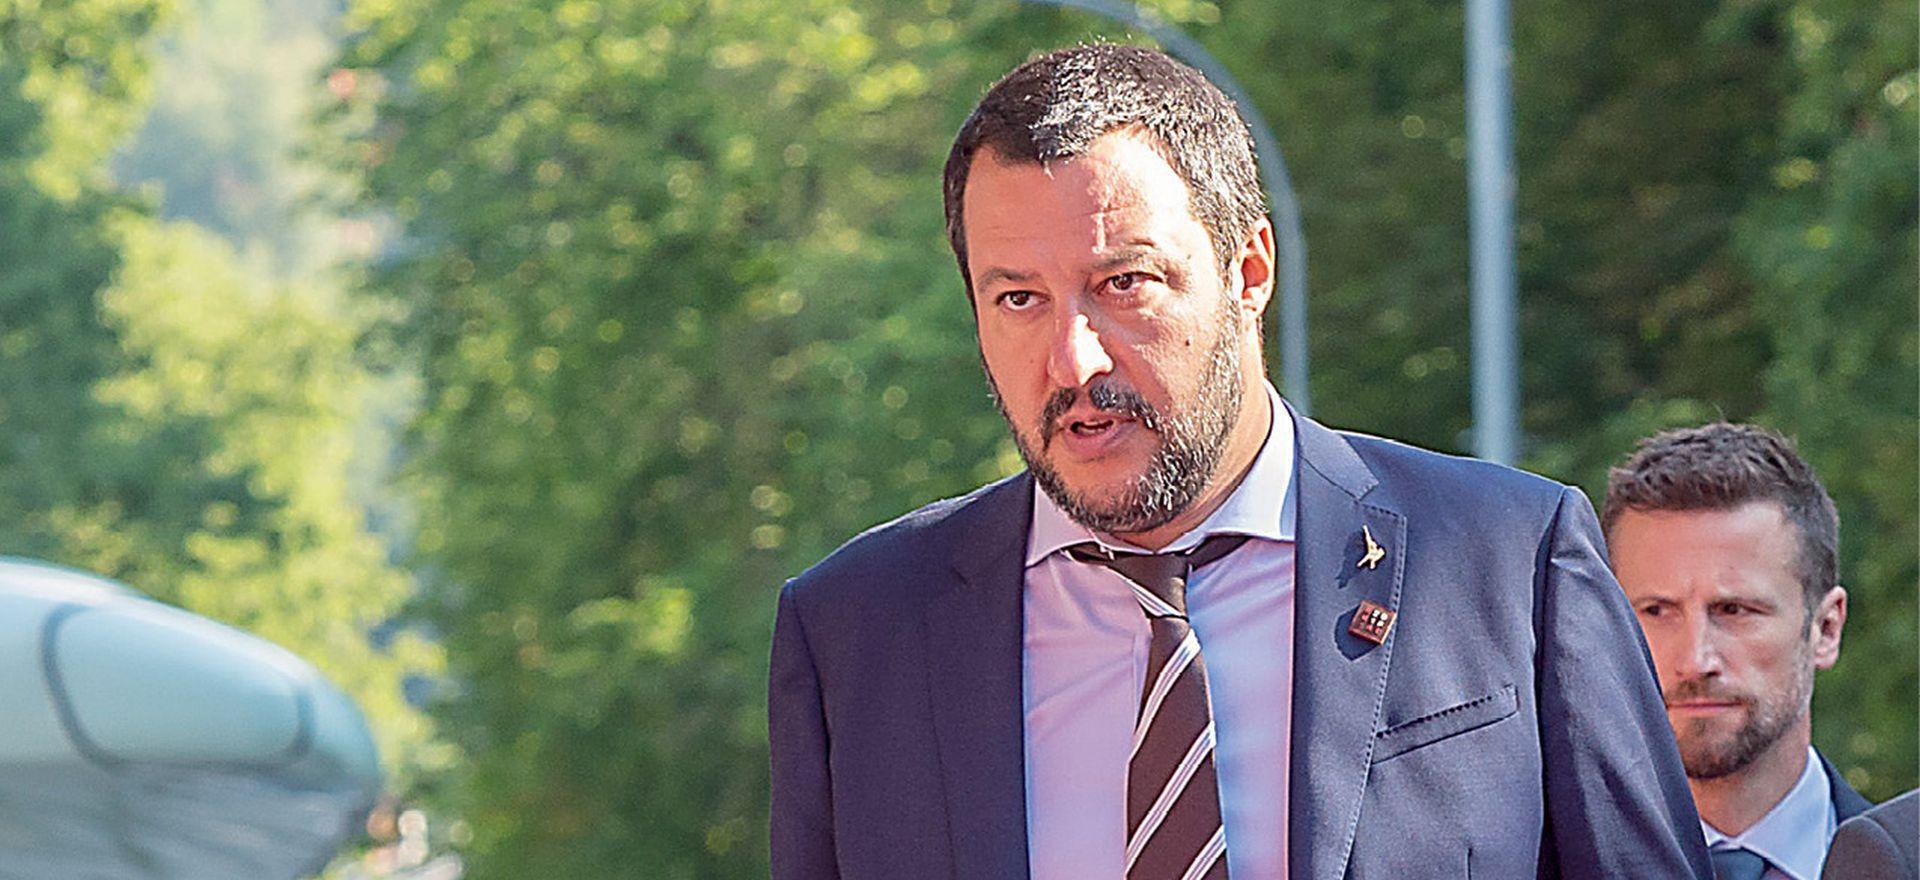 Pod Salvinijevim vodstvom Italija sve više podsjeća na Mussolinijeva vremena